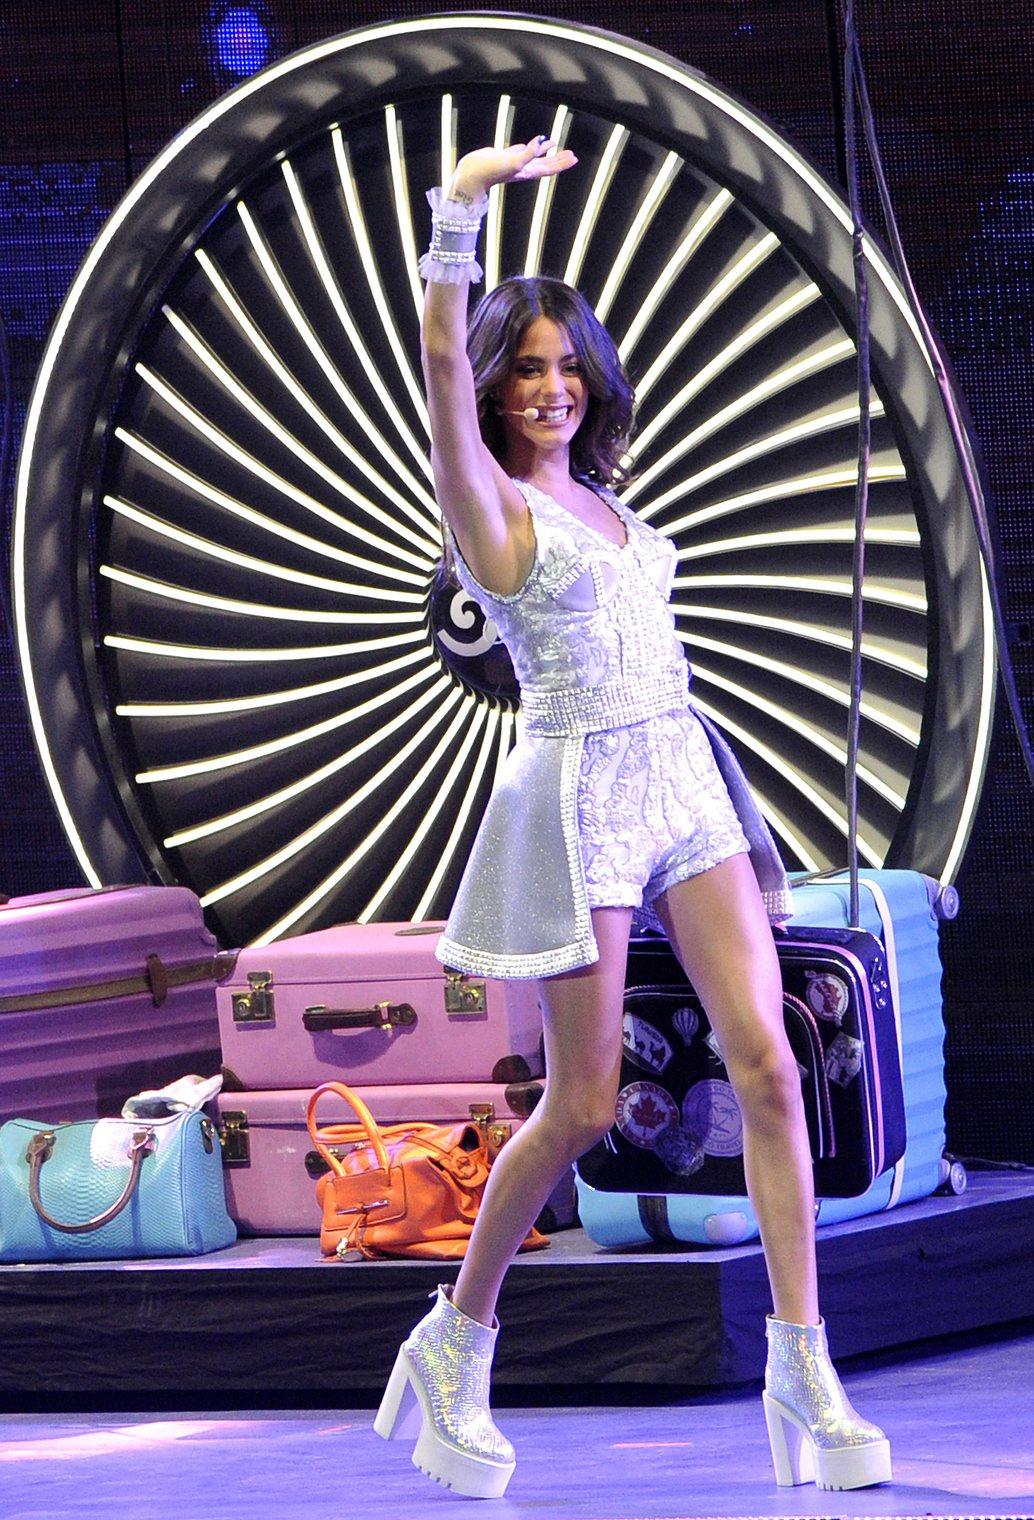 A Disney Channel Violetta című sorozatában Violetta Castillo szerepét alakító Martina Stoessel argentin színésznő, táncos, énekes ad koncertet a Papp László Budapest Sportarénában 2015. augusztus 29-én. MTI Fotó: Kovács Tamás